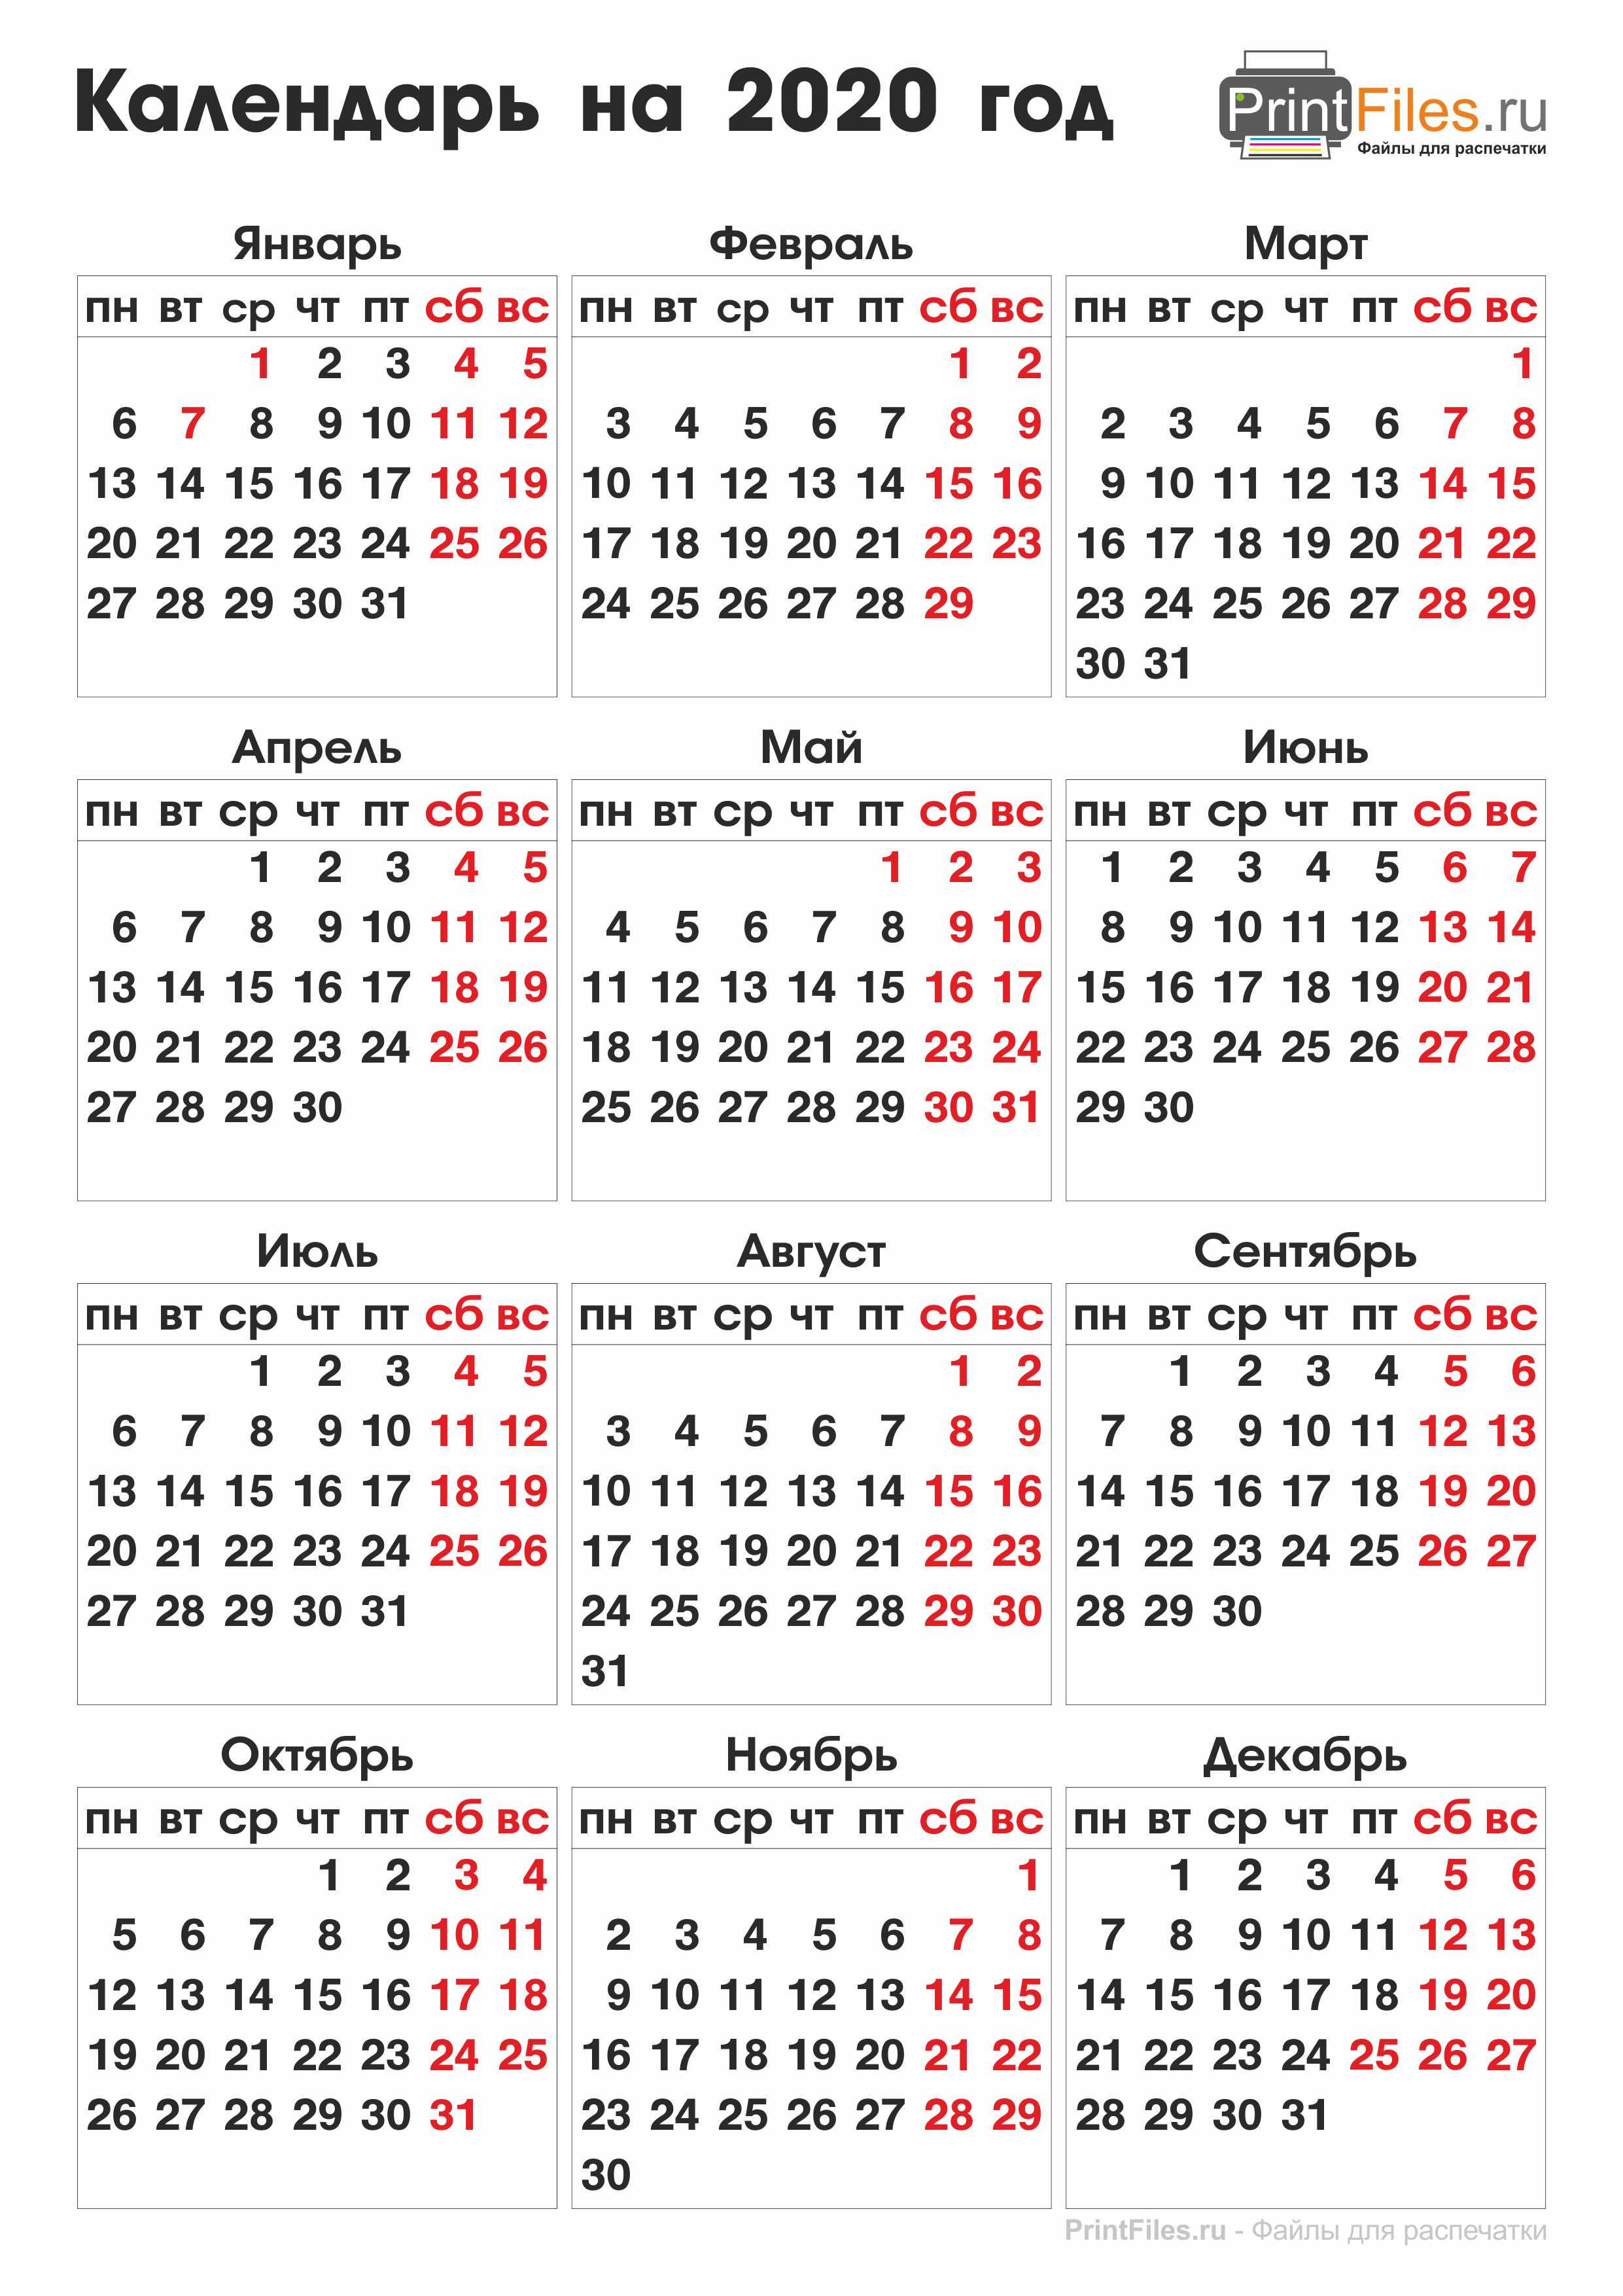 Календарь На 2020 Год С Большими Цифрами И Буквами  Скачать for Calendar Kuda 2020